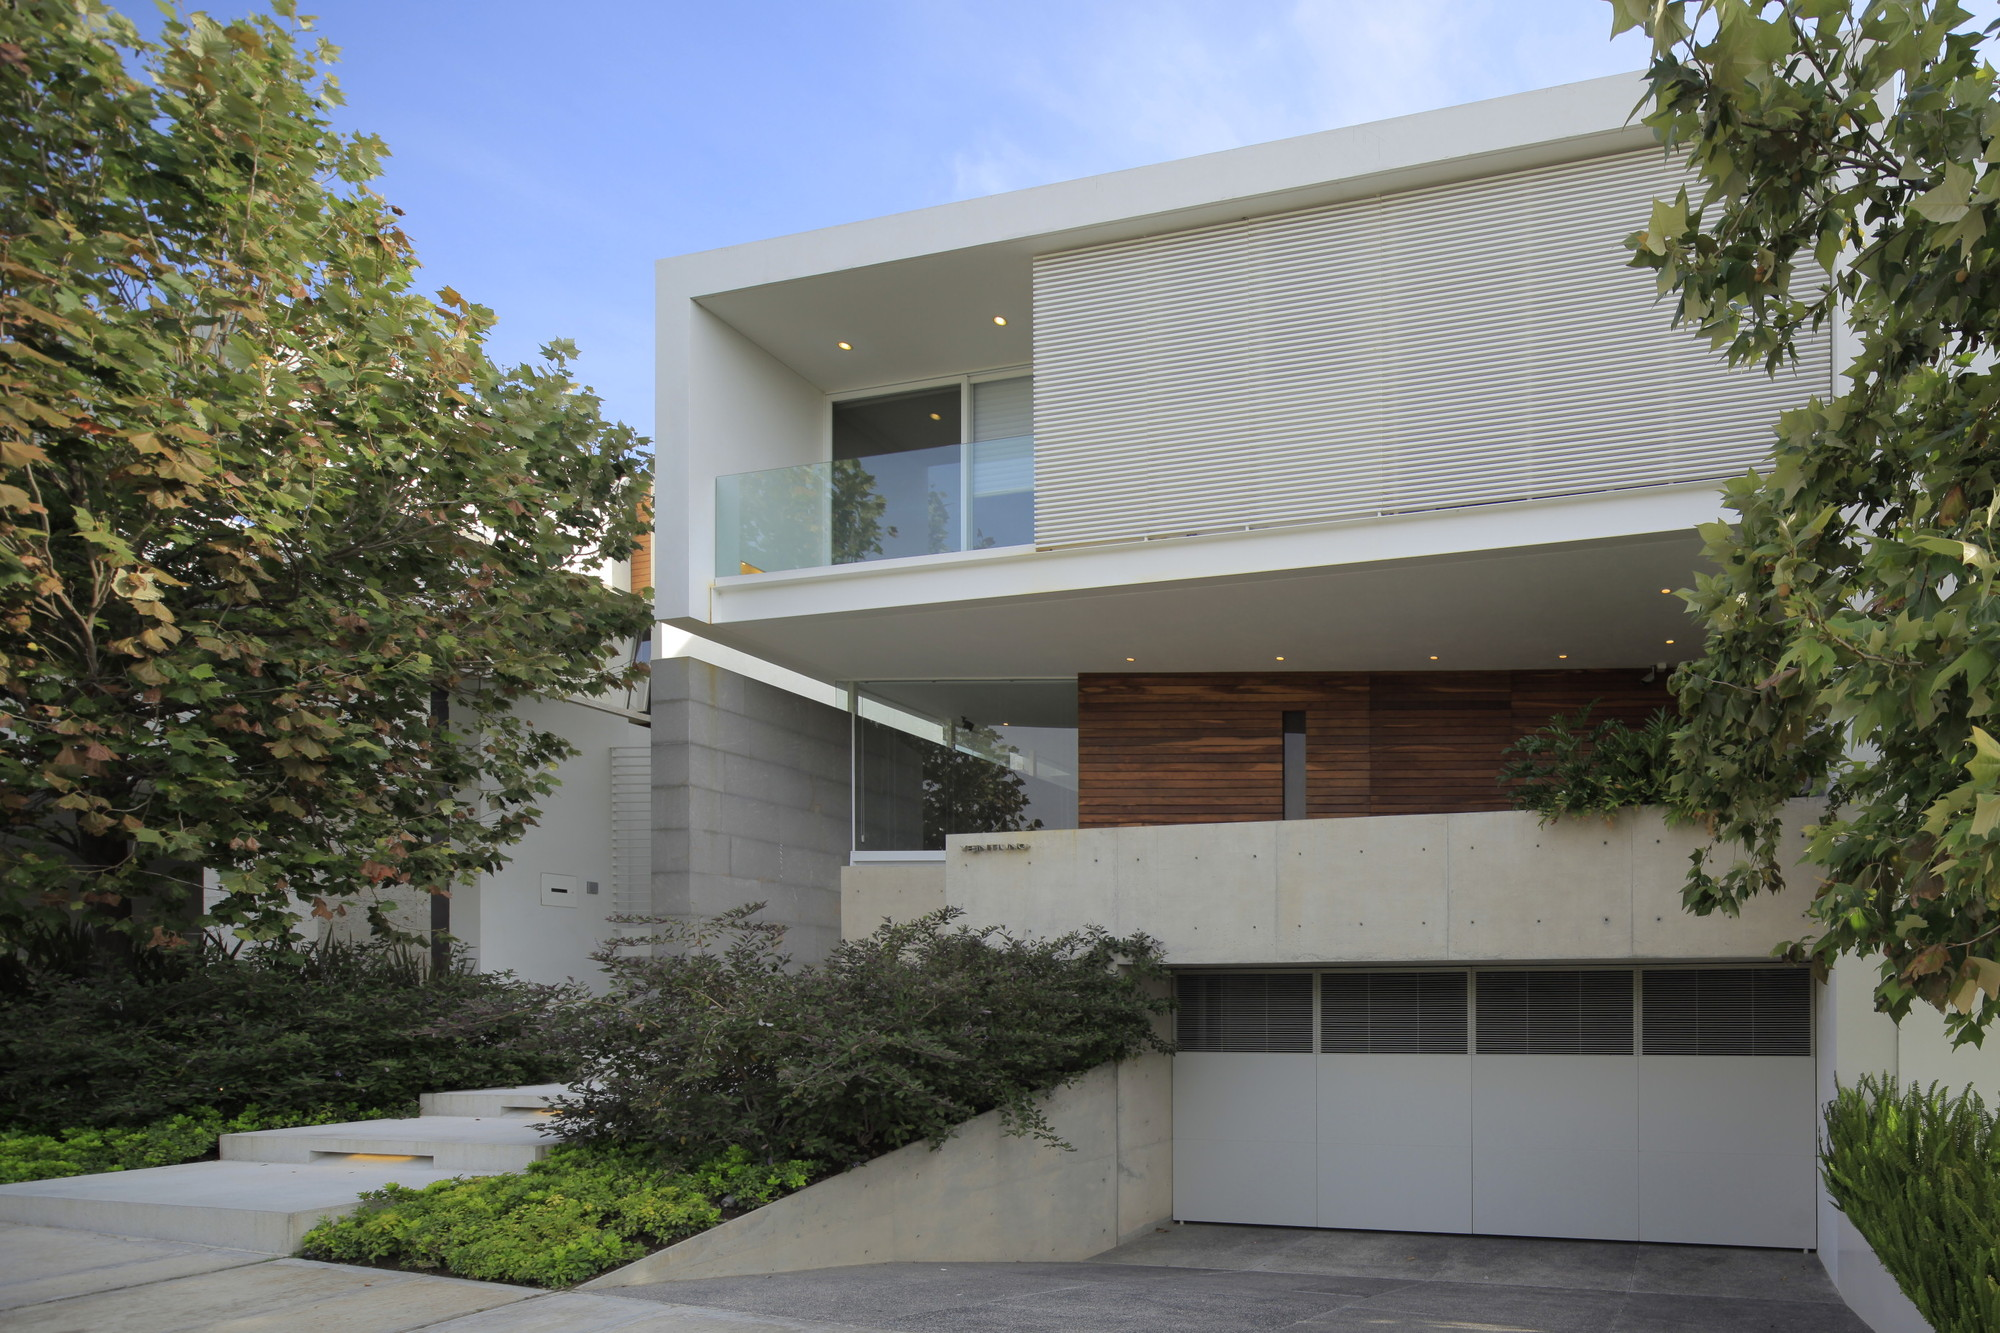 Casa veintiuno hern ndez silva arquitectos archdaily for Casa de arquitectos